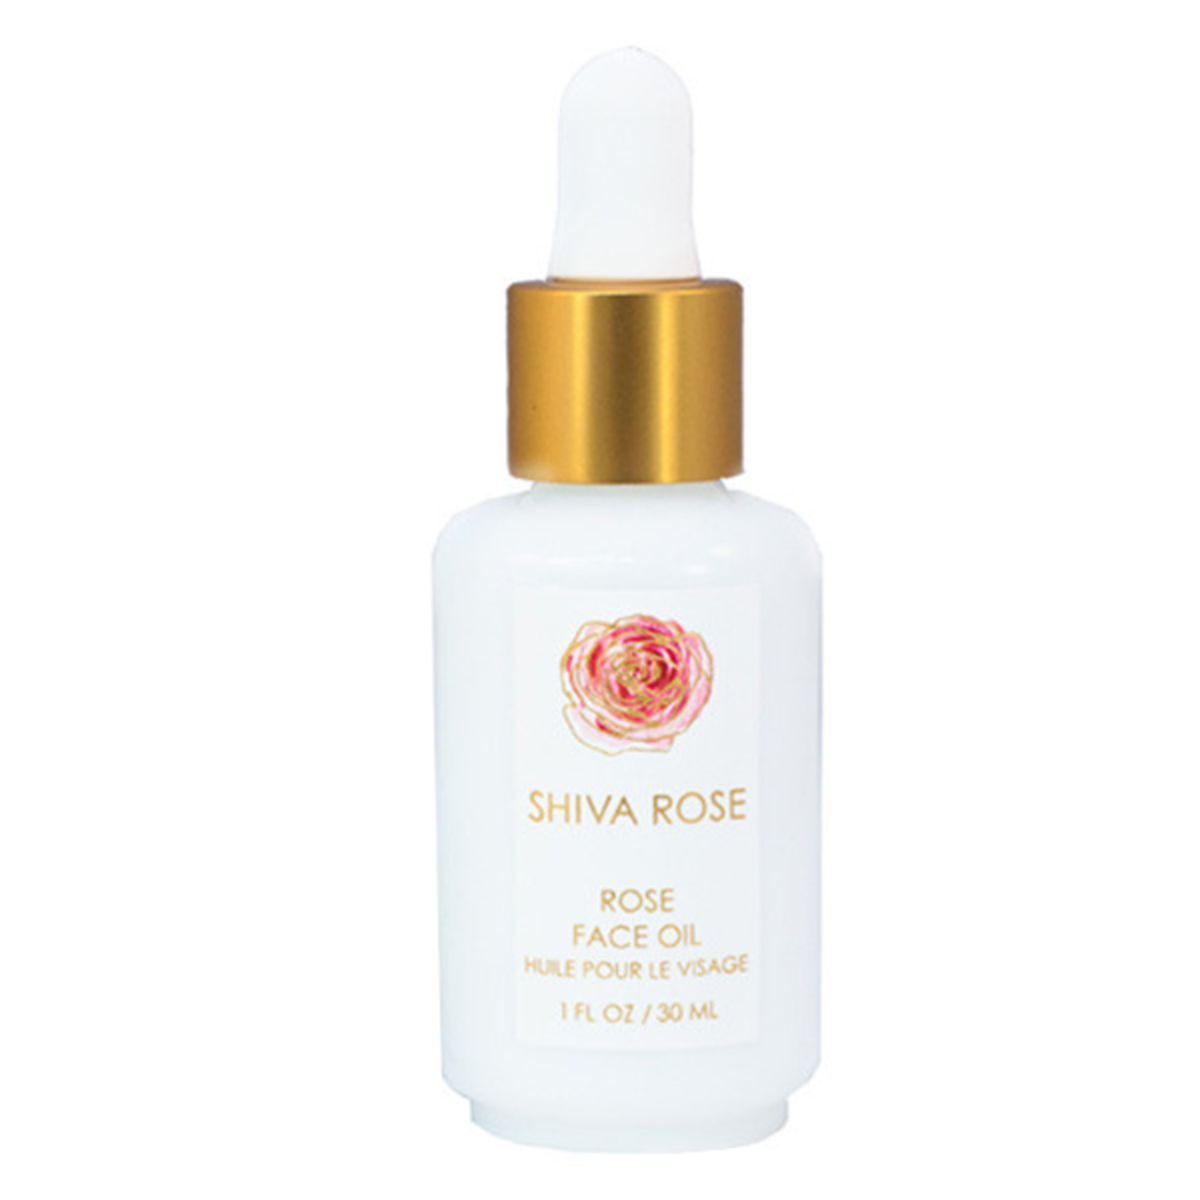 Shiva Rose Rose Face Oil